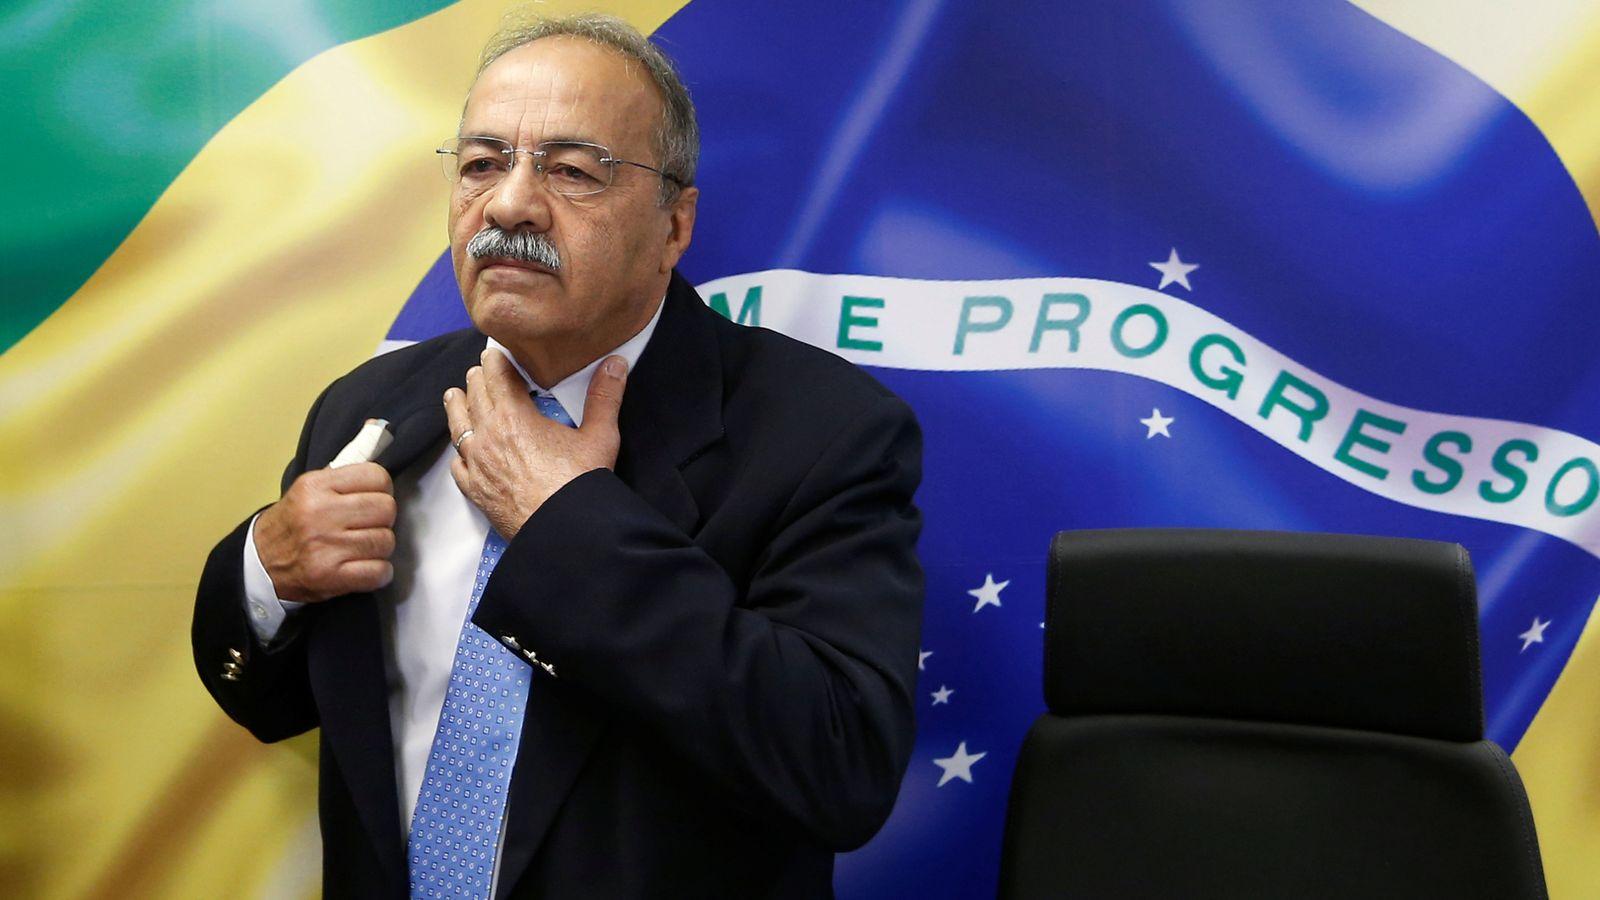 巴西贪官3万现金藏内裤:被当场识破 赃款为抗疫资金